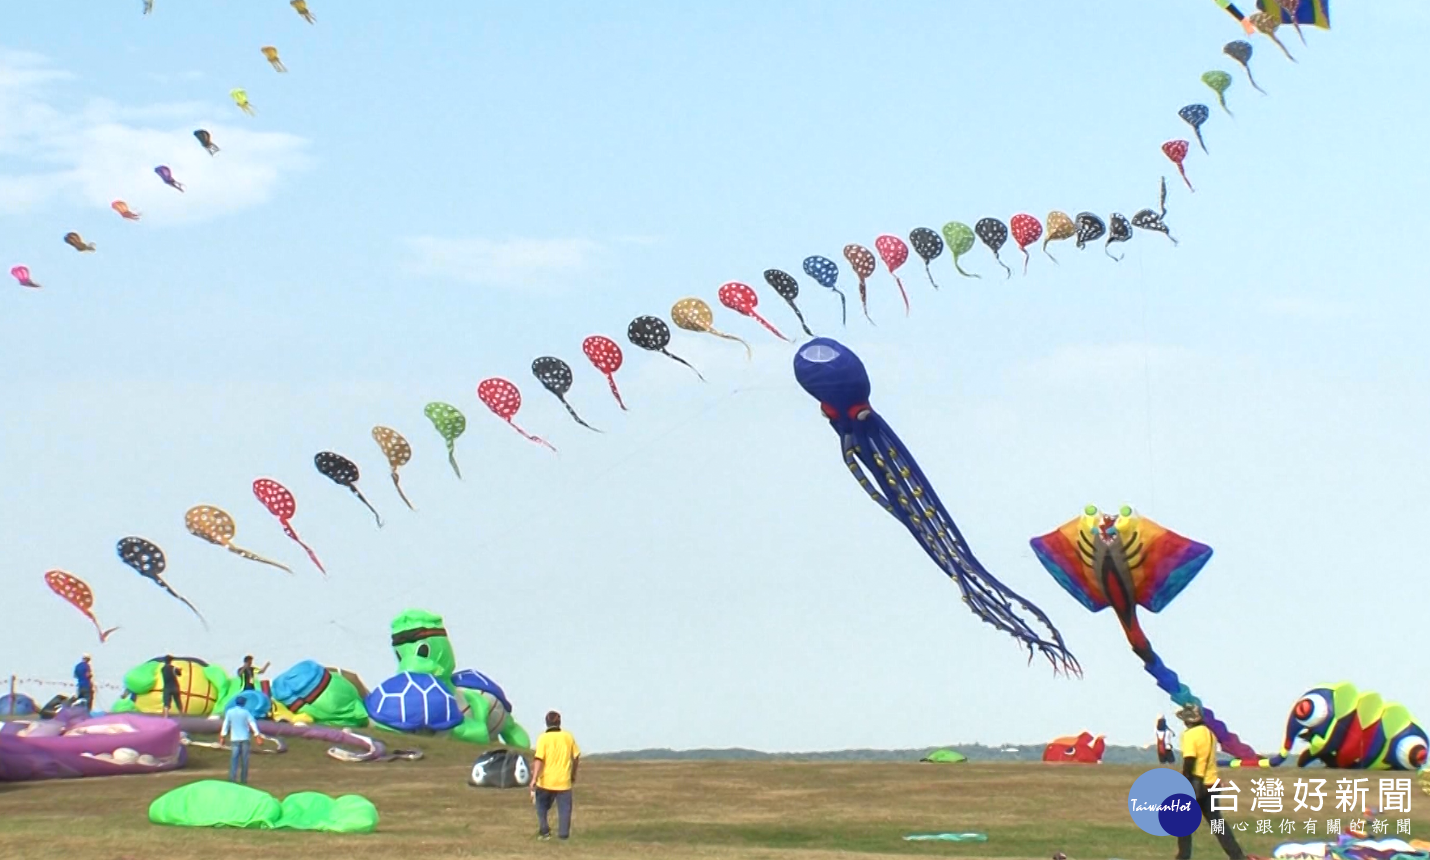 新竹國際風箏節 章魚、老虎、海綿寶寶飛上天